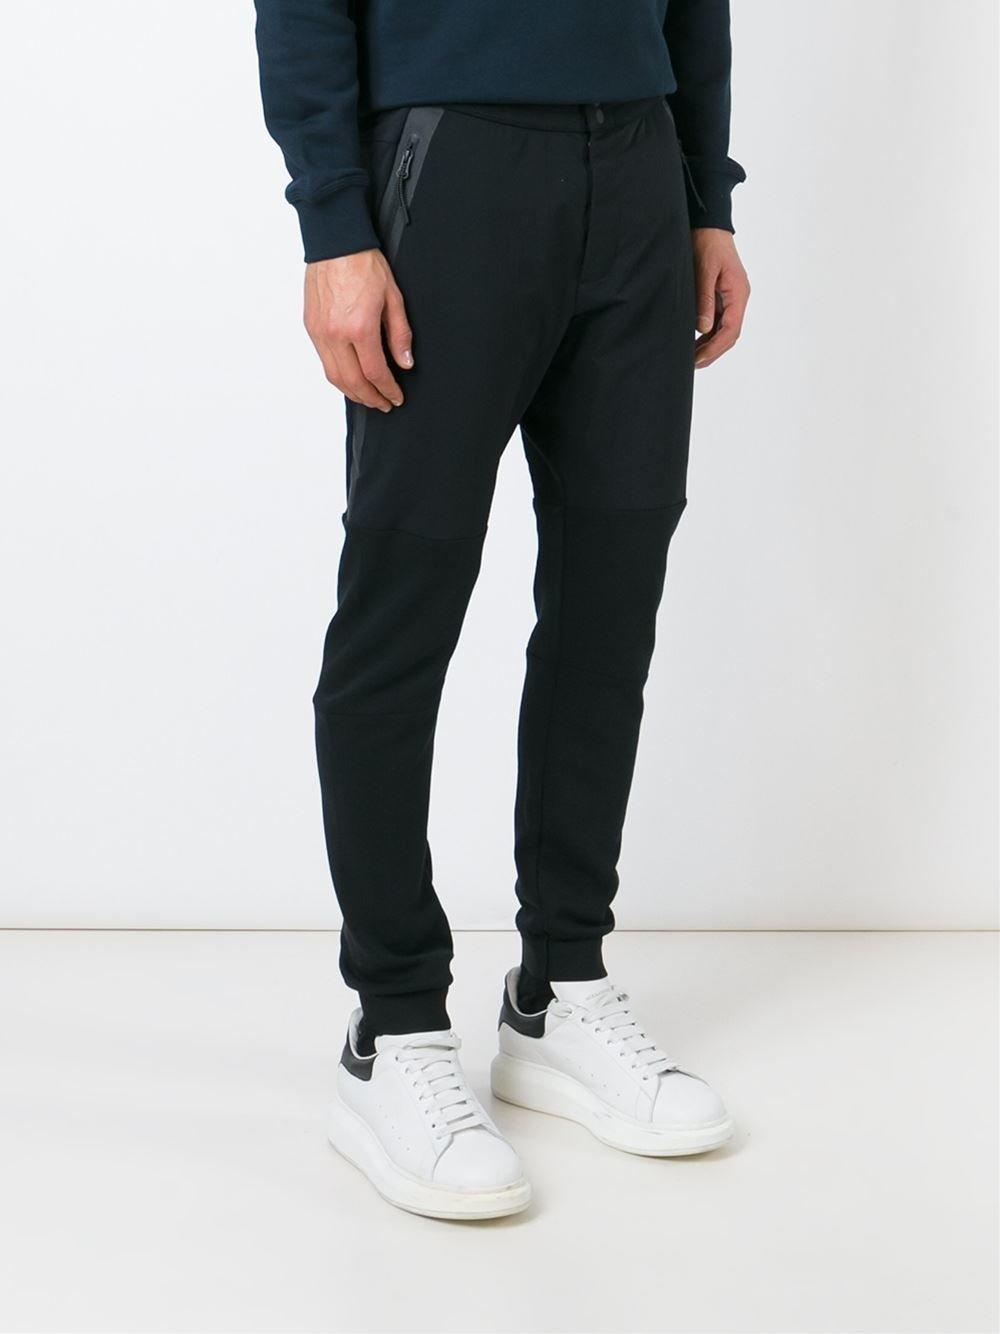 nike 39 tech fleece 39 track pants in black for men lyst. Black Bedroom Furniture Sets. Home Design Ideas